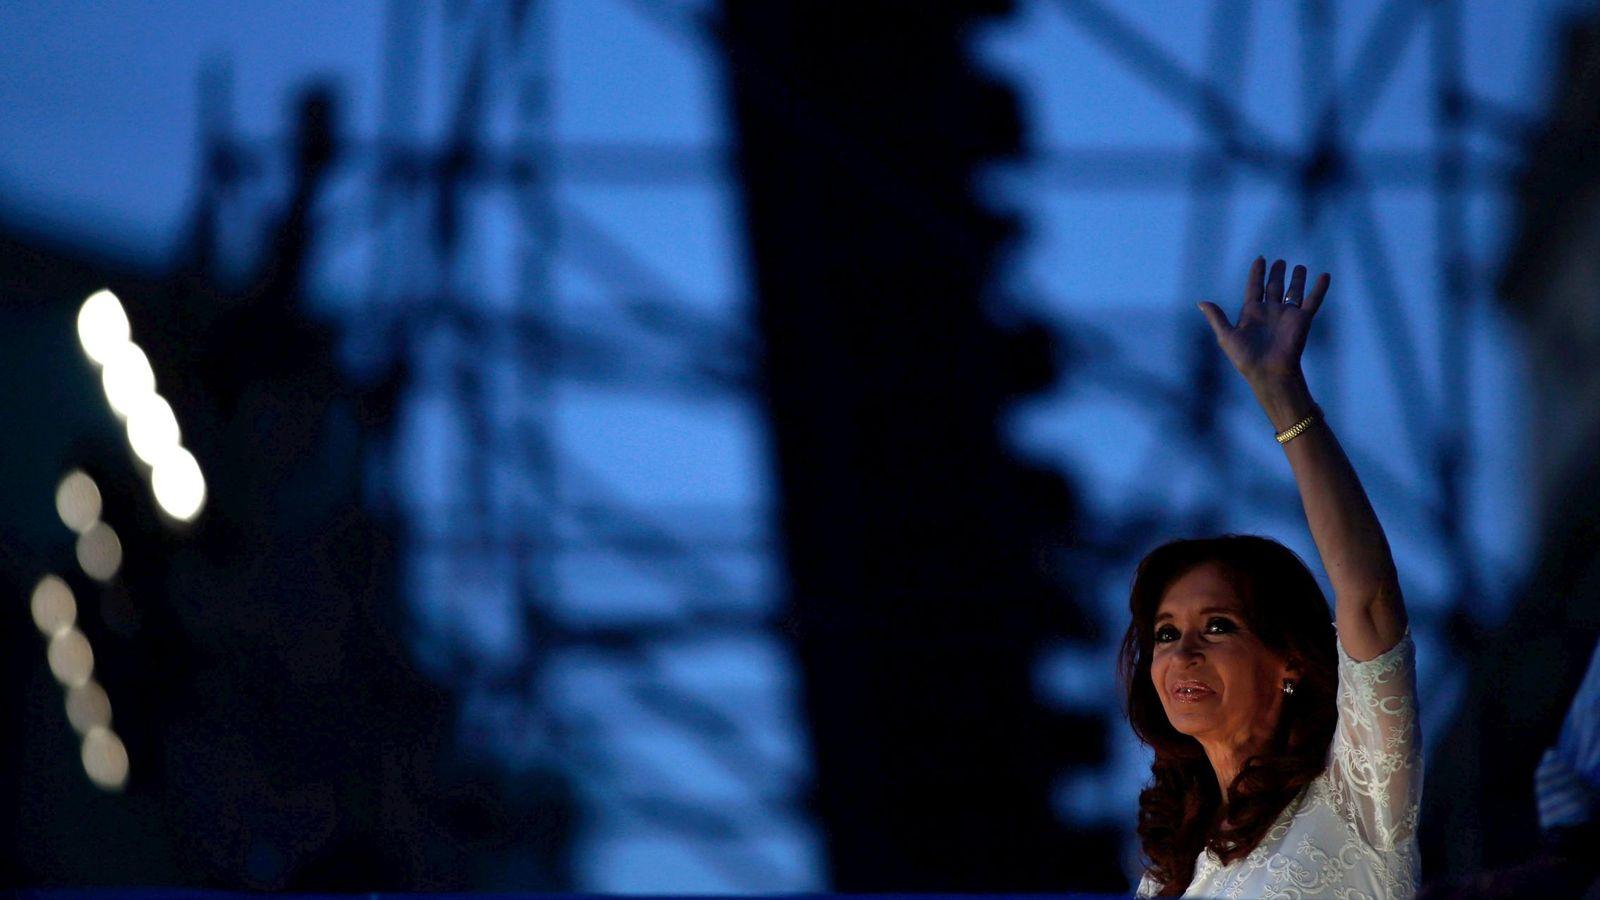 Foto: La expresidenta Cristina Fernández de Kirchner saluda a simpatizantes durante una ceremonia en su último día en la Casa Rosada, el 9 de diciembre de 2015. (Reuters)